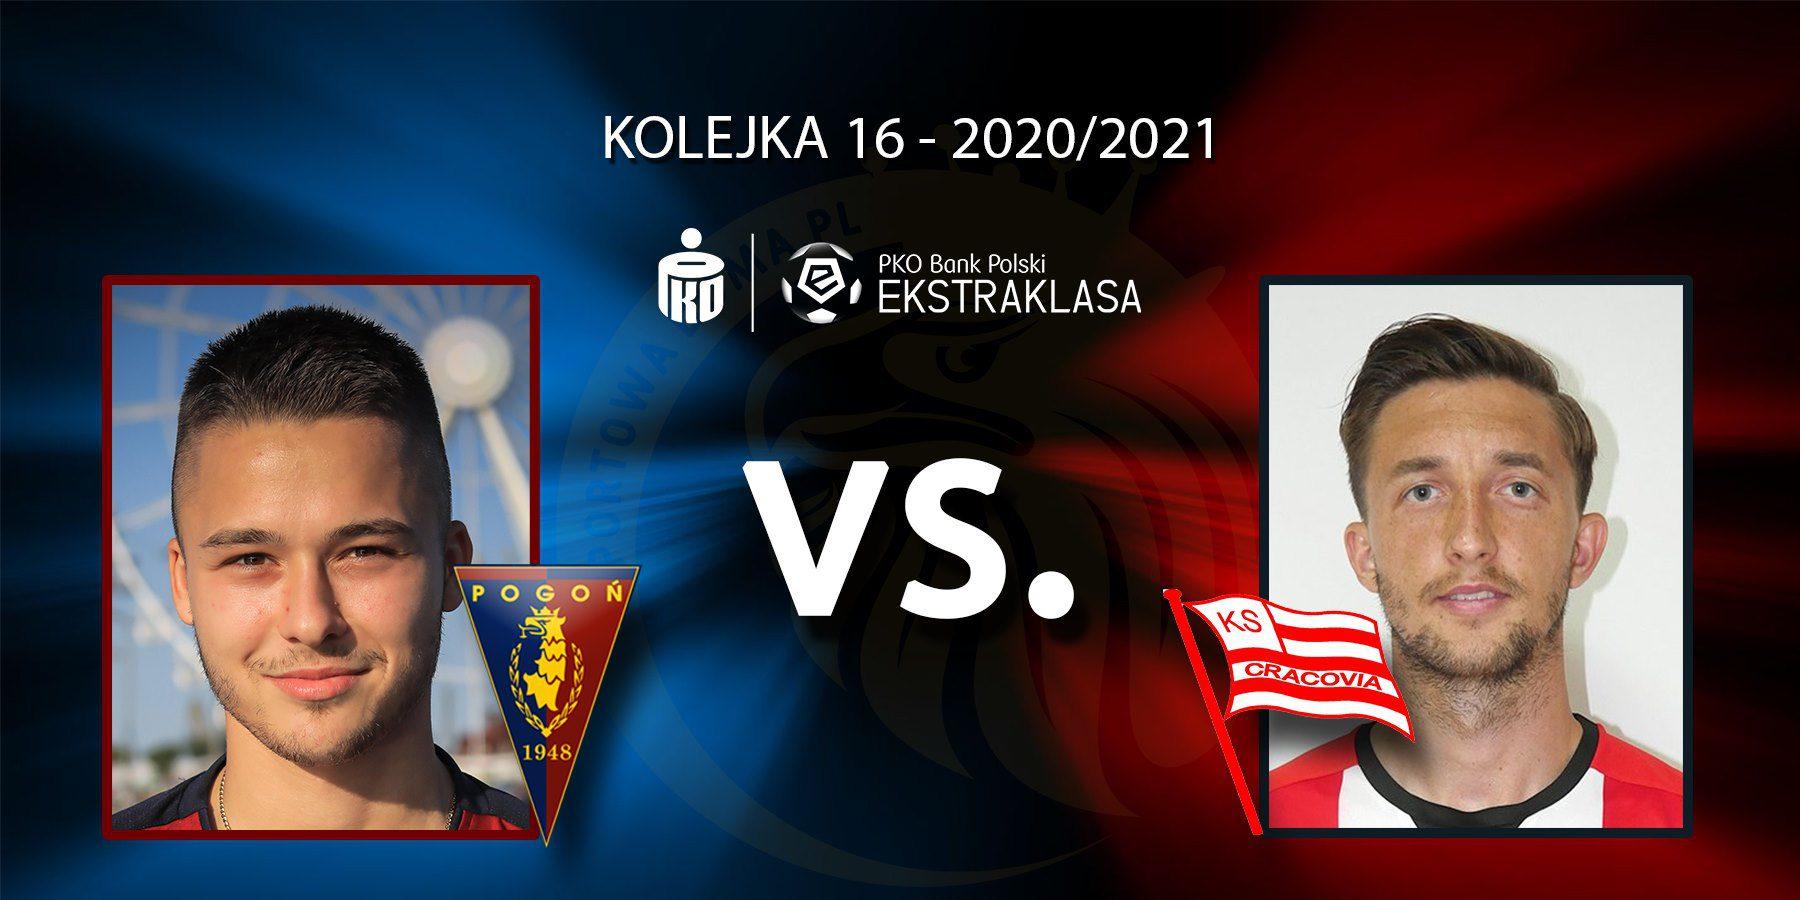 Pogoń Szczecin - Cracovia. Pojedynek meczu: Sebastian Kowalczyk vs Cornel Râpă.